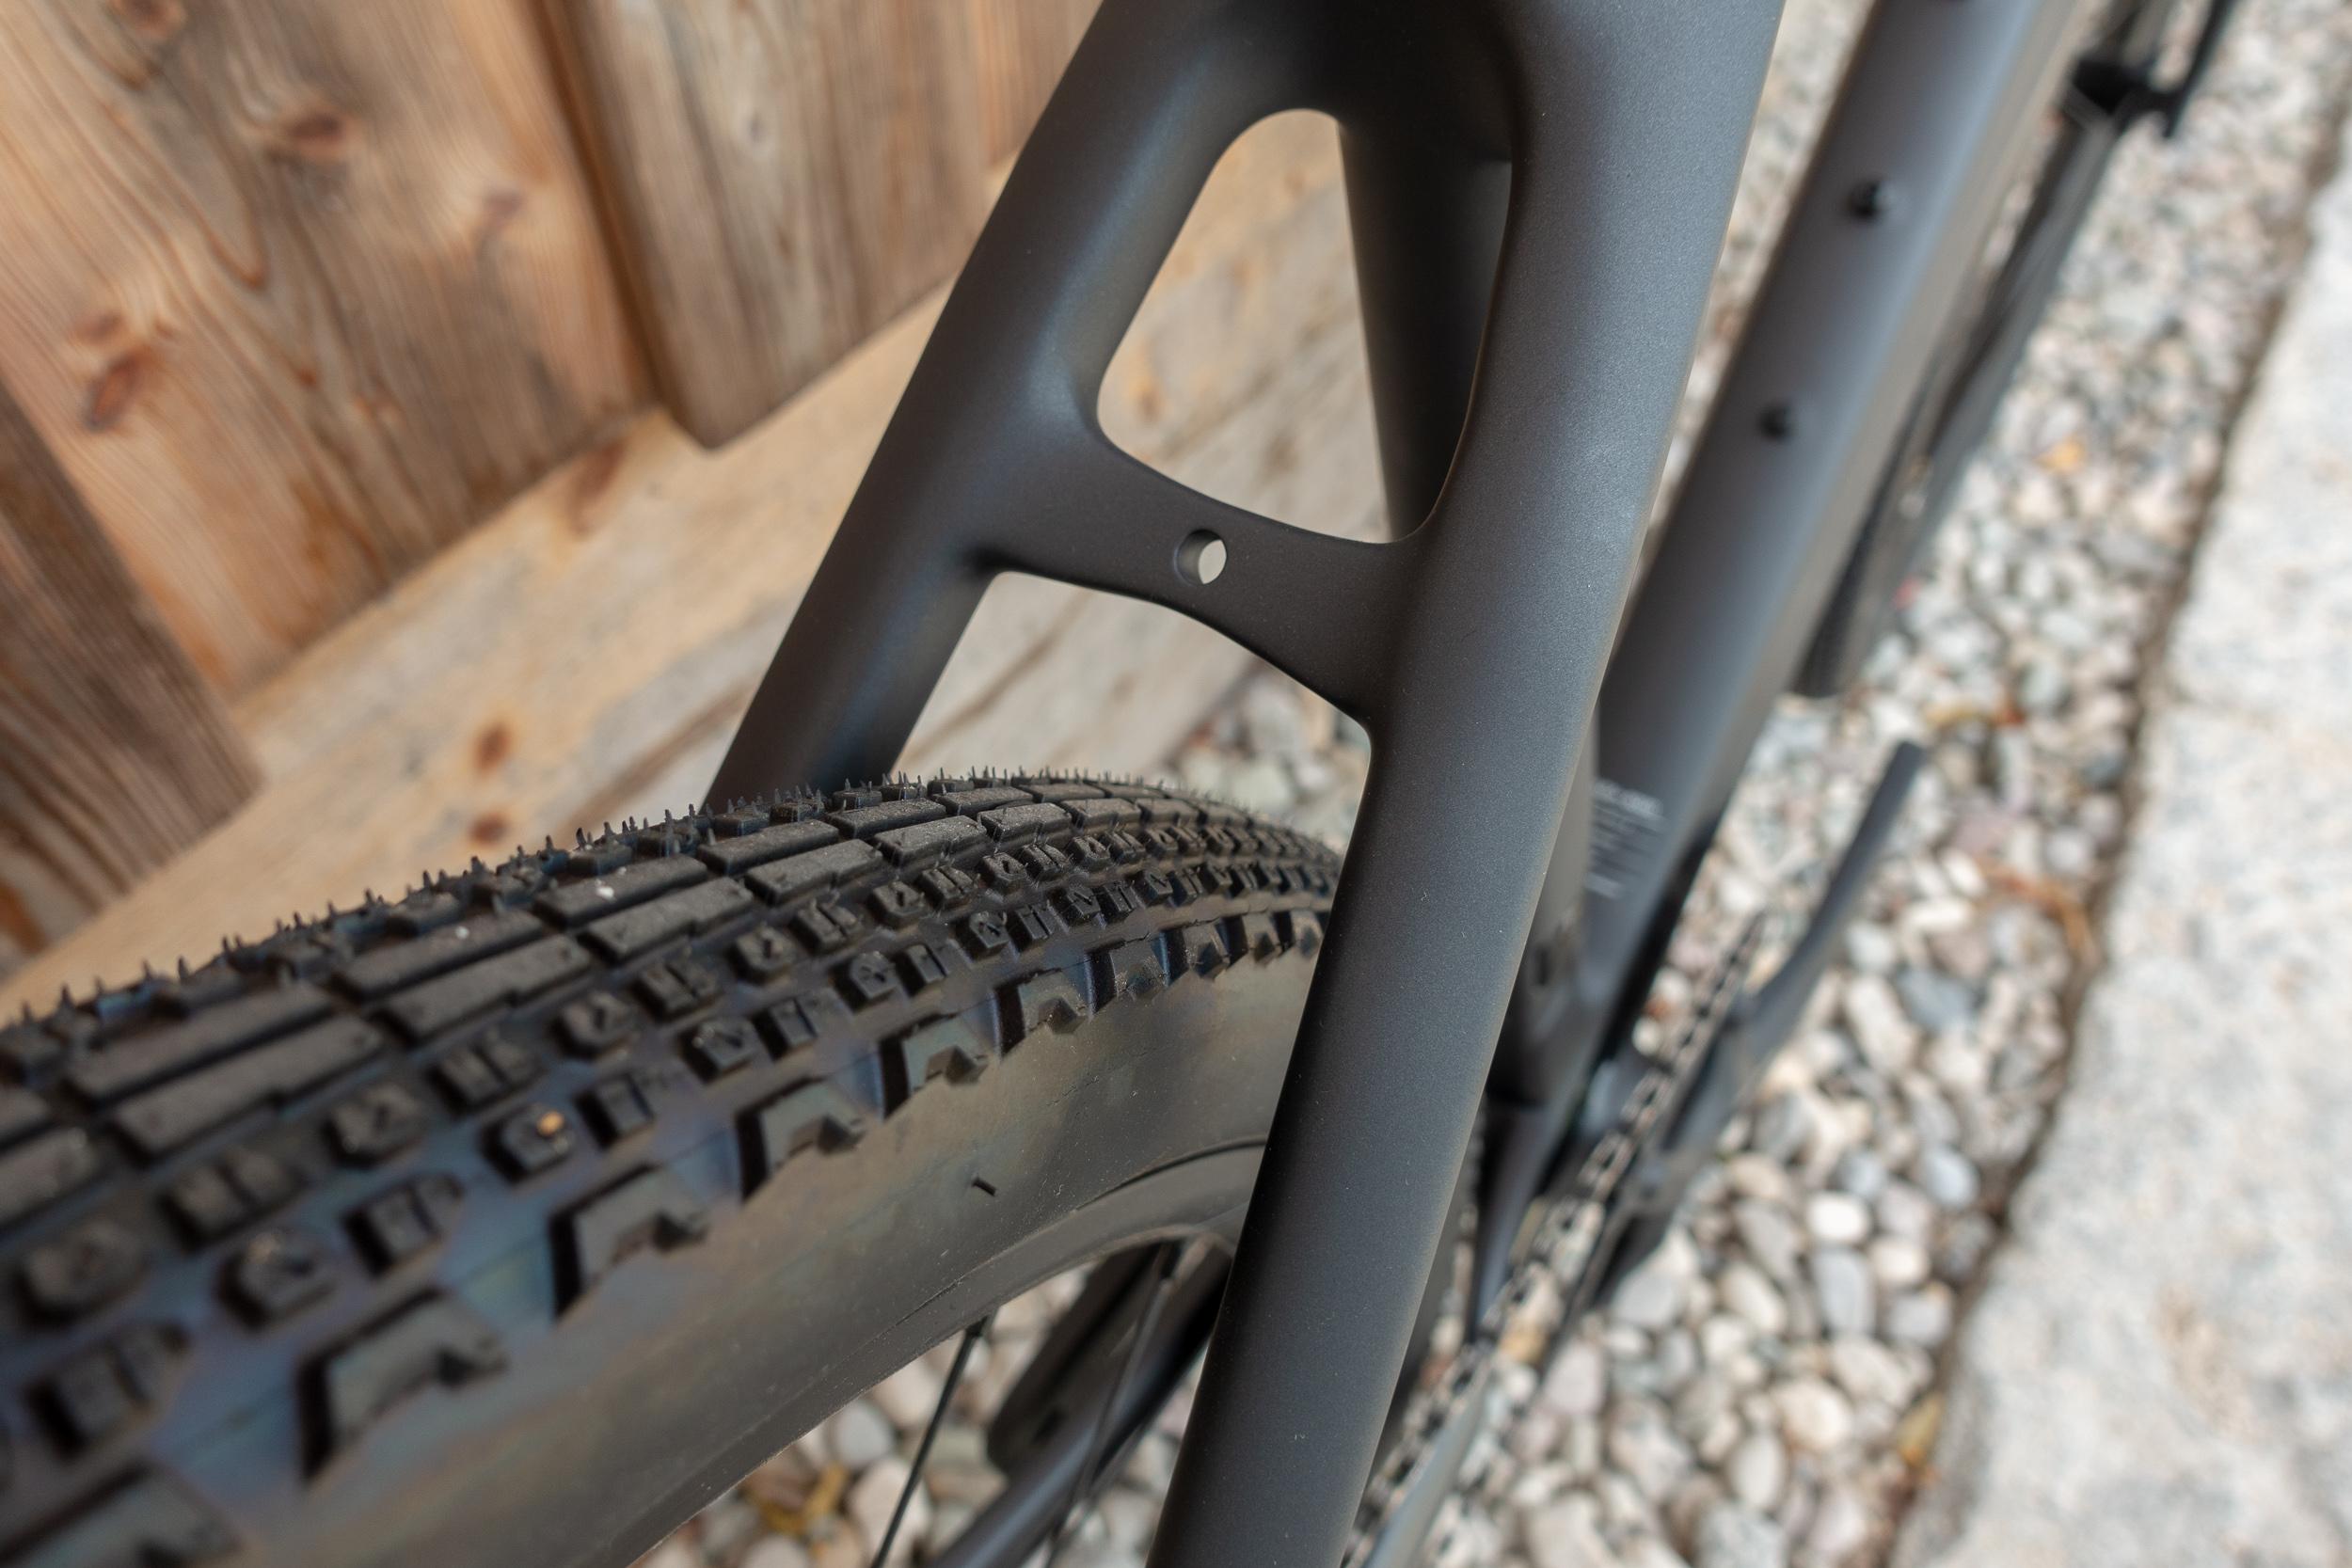 Trotz der breiten 650b Reifen in 45C bleibt viel Reifenfreiheit